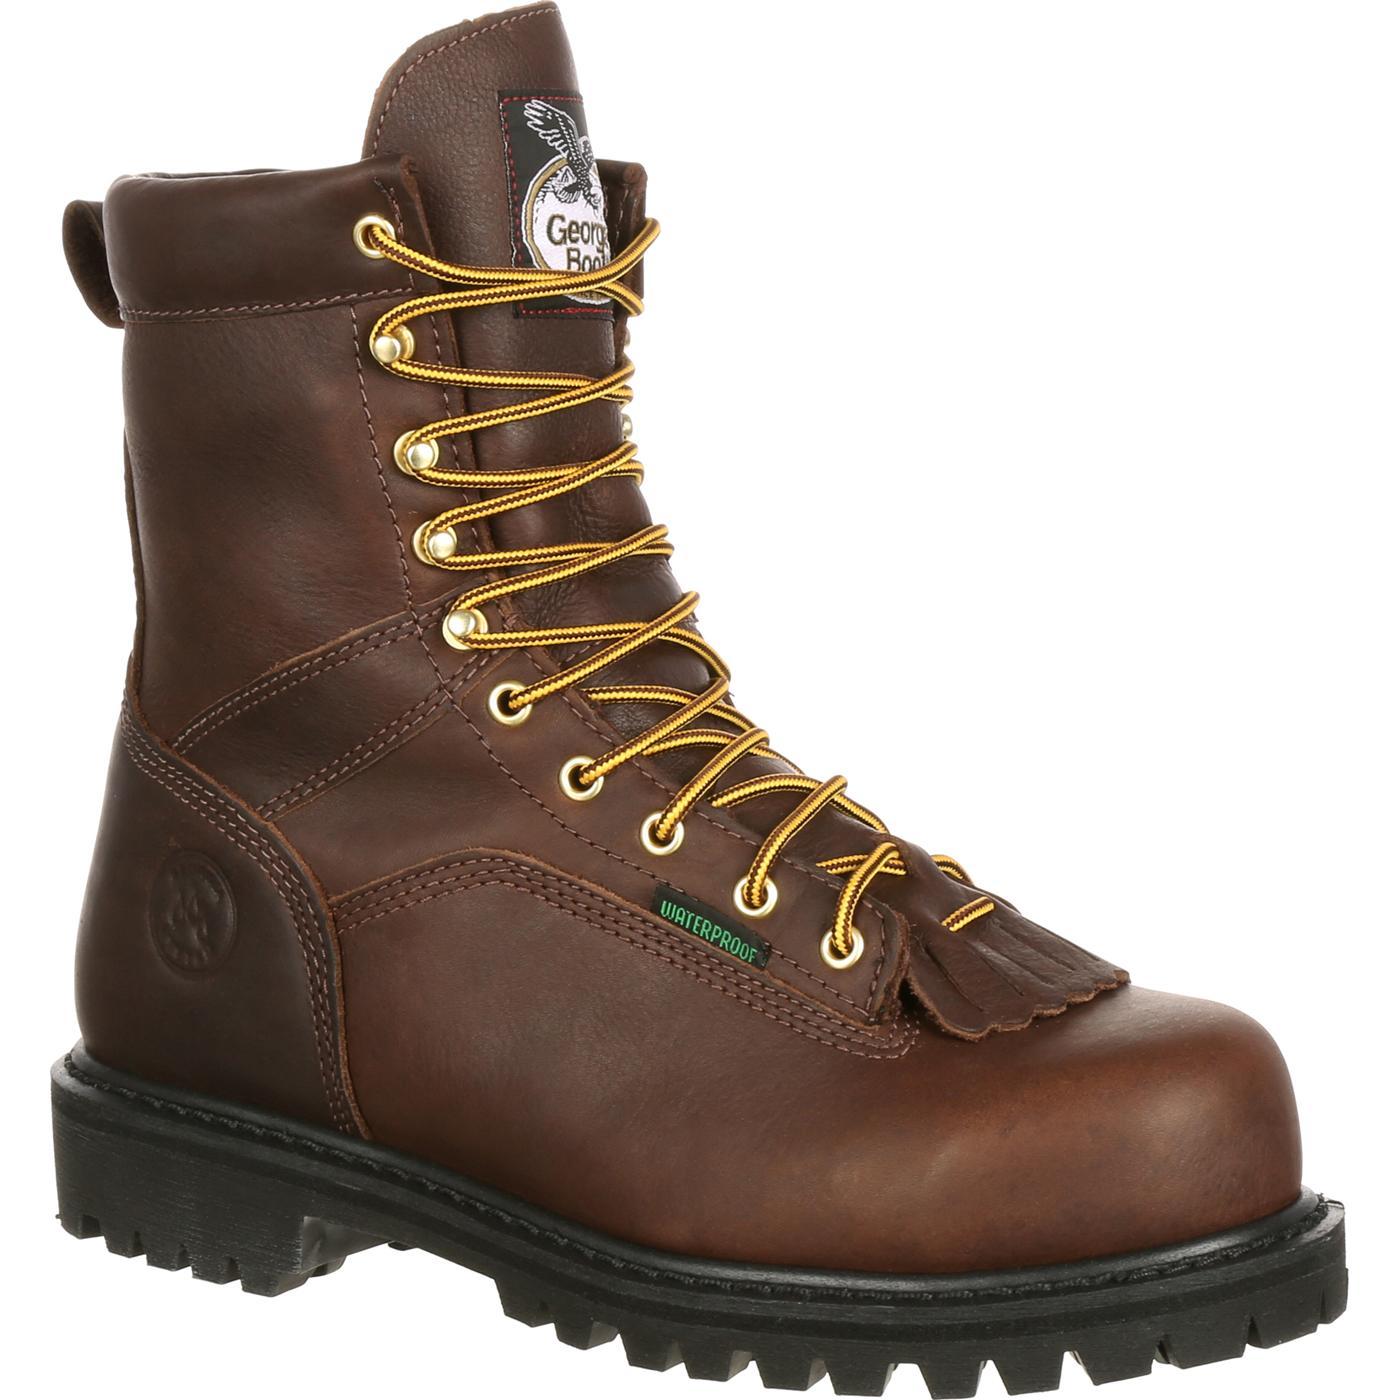 Georgia Boot Steel Toe Waterproof Work Boot Style G8341